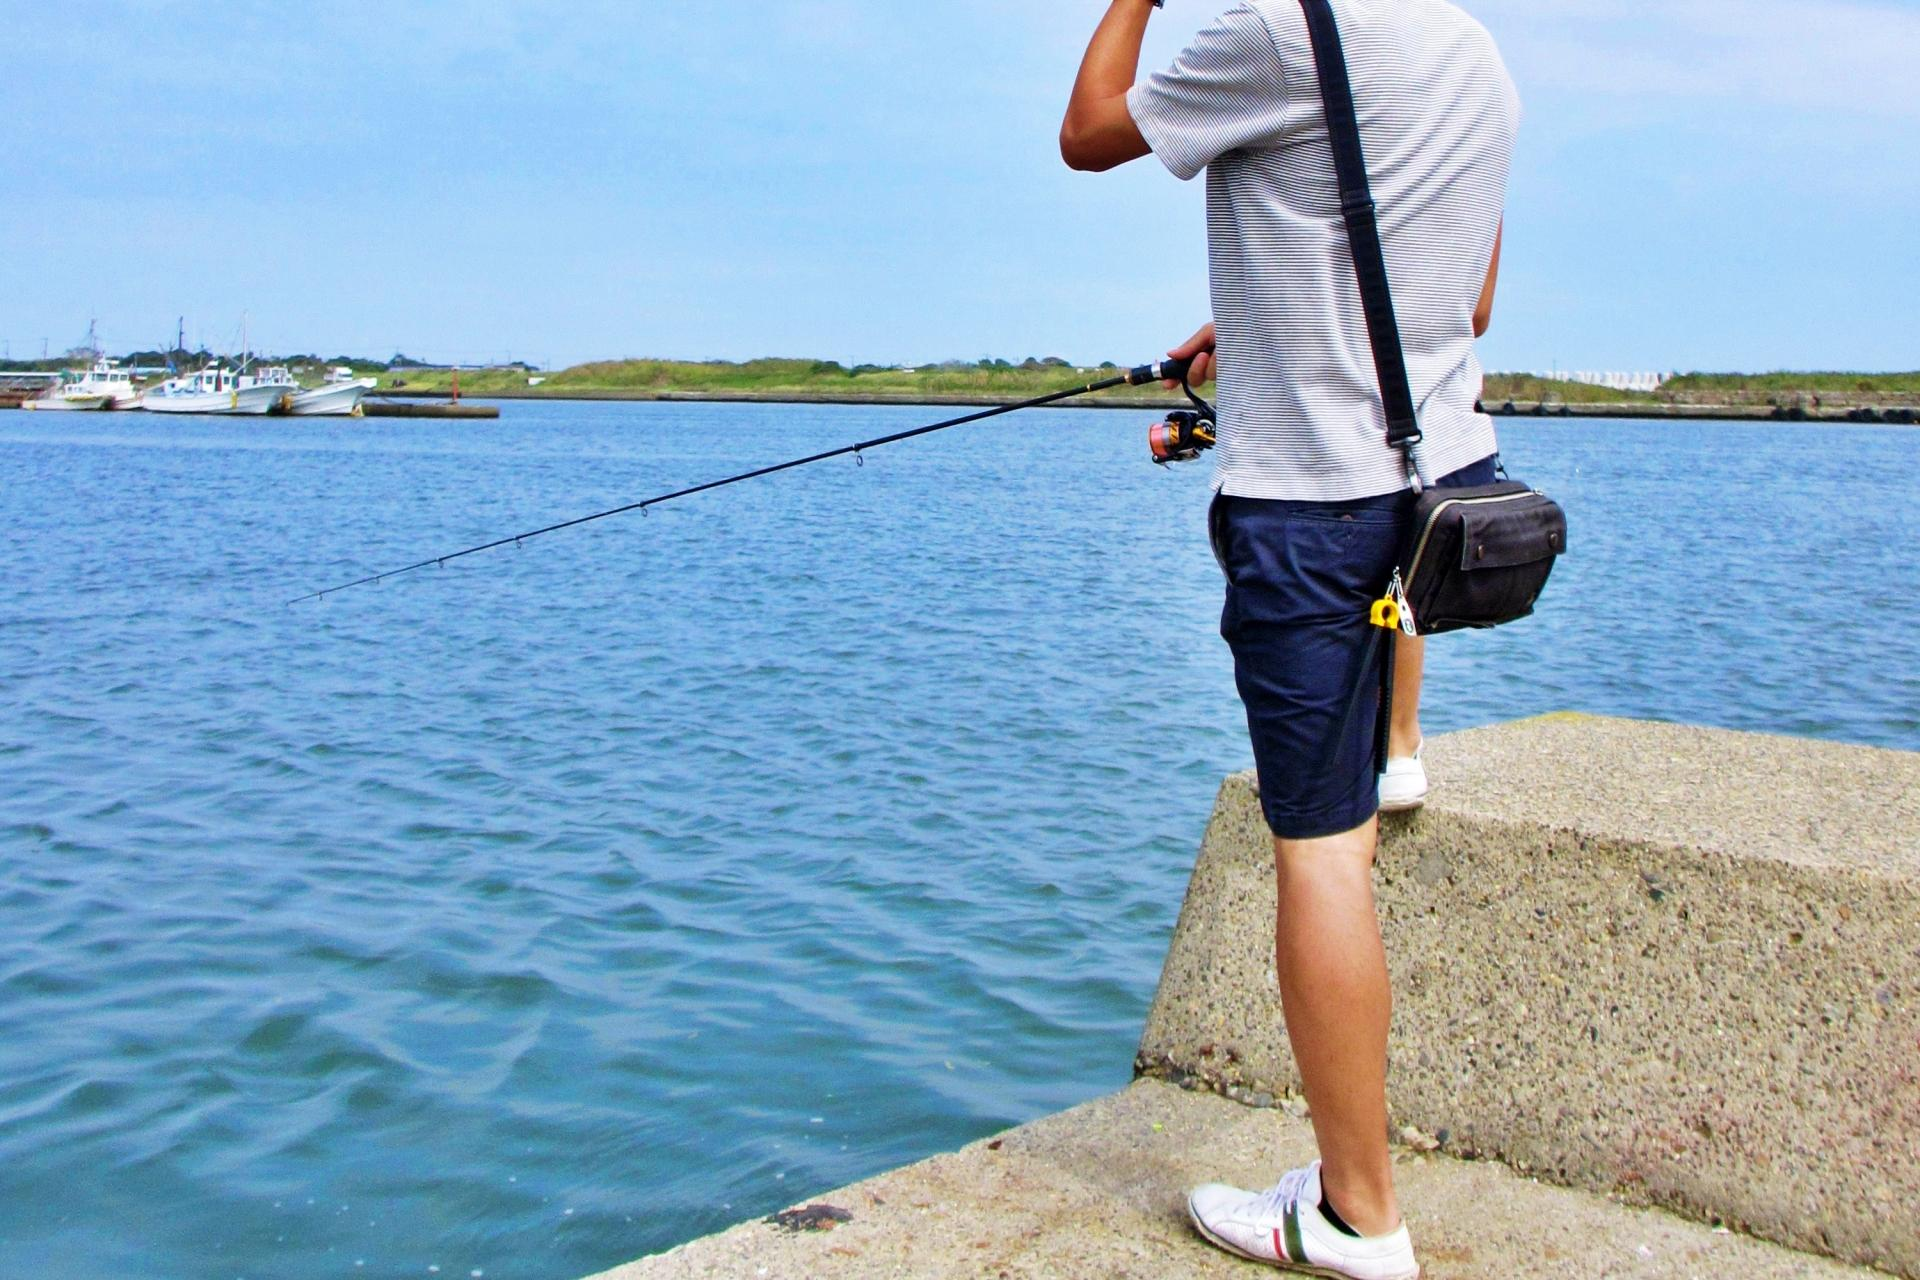 【結び方の基礎知識】釣りで活躍するノット一覧!最強かつ簡単なのはどれ?